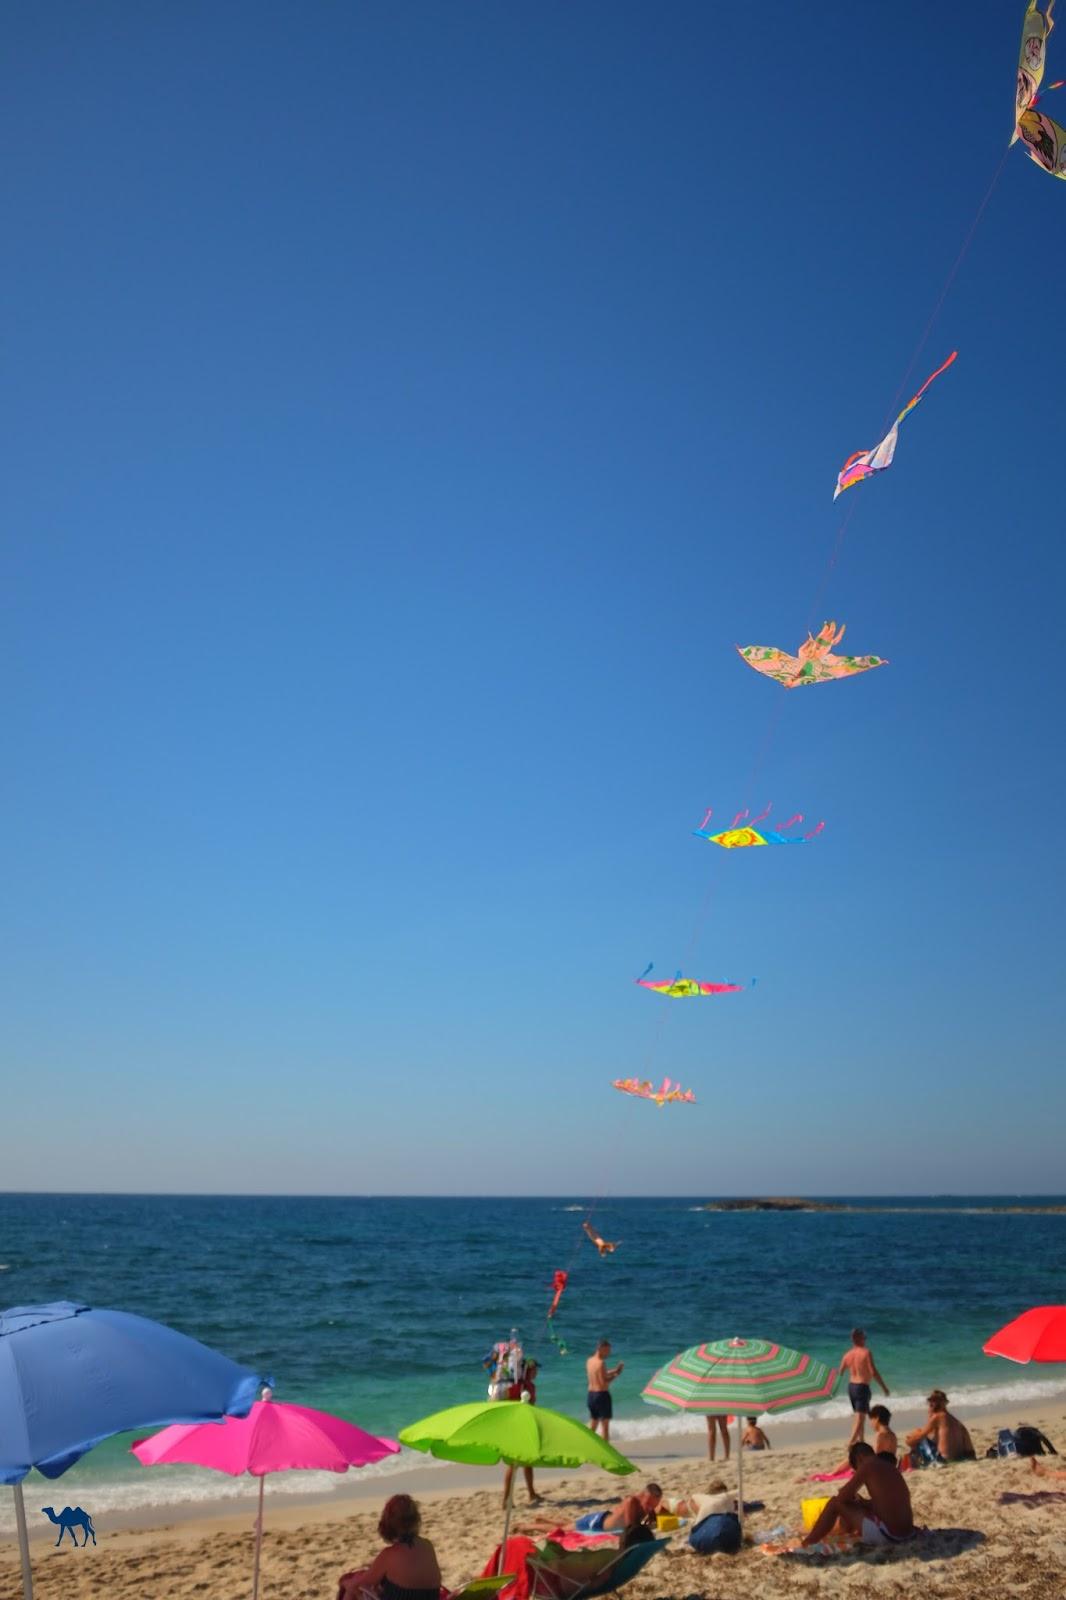 Le Chameau Bleu - La plage aux cerf volants